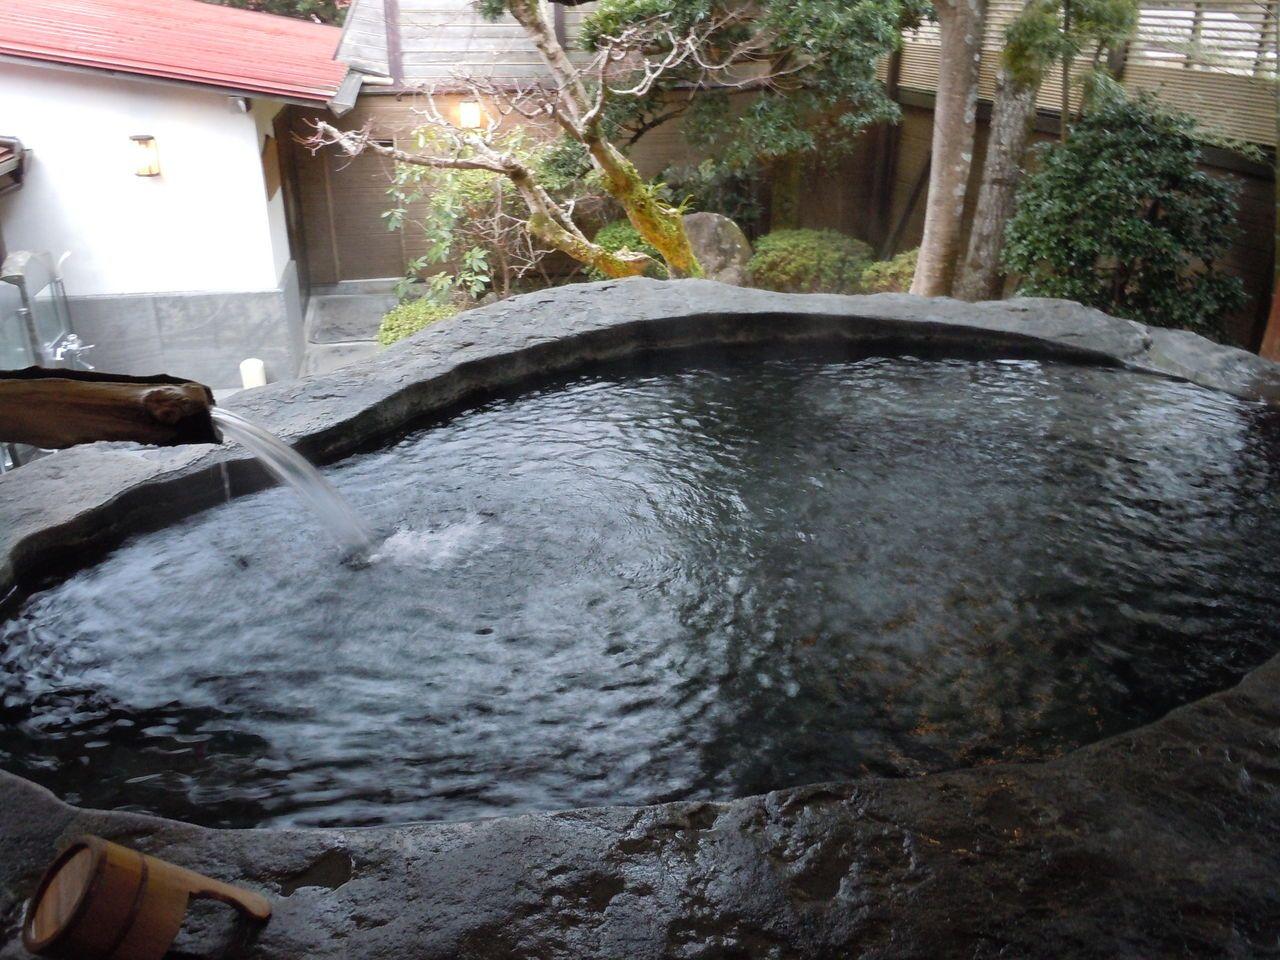 日本一の巨石風呂・巨木風呂がある老舗宿、伊豆天城湯ヶ島温泉「白壁荘」〜伊豆市〜